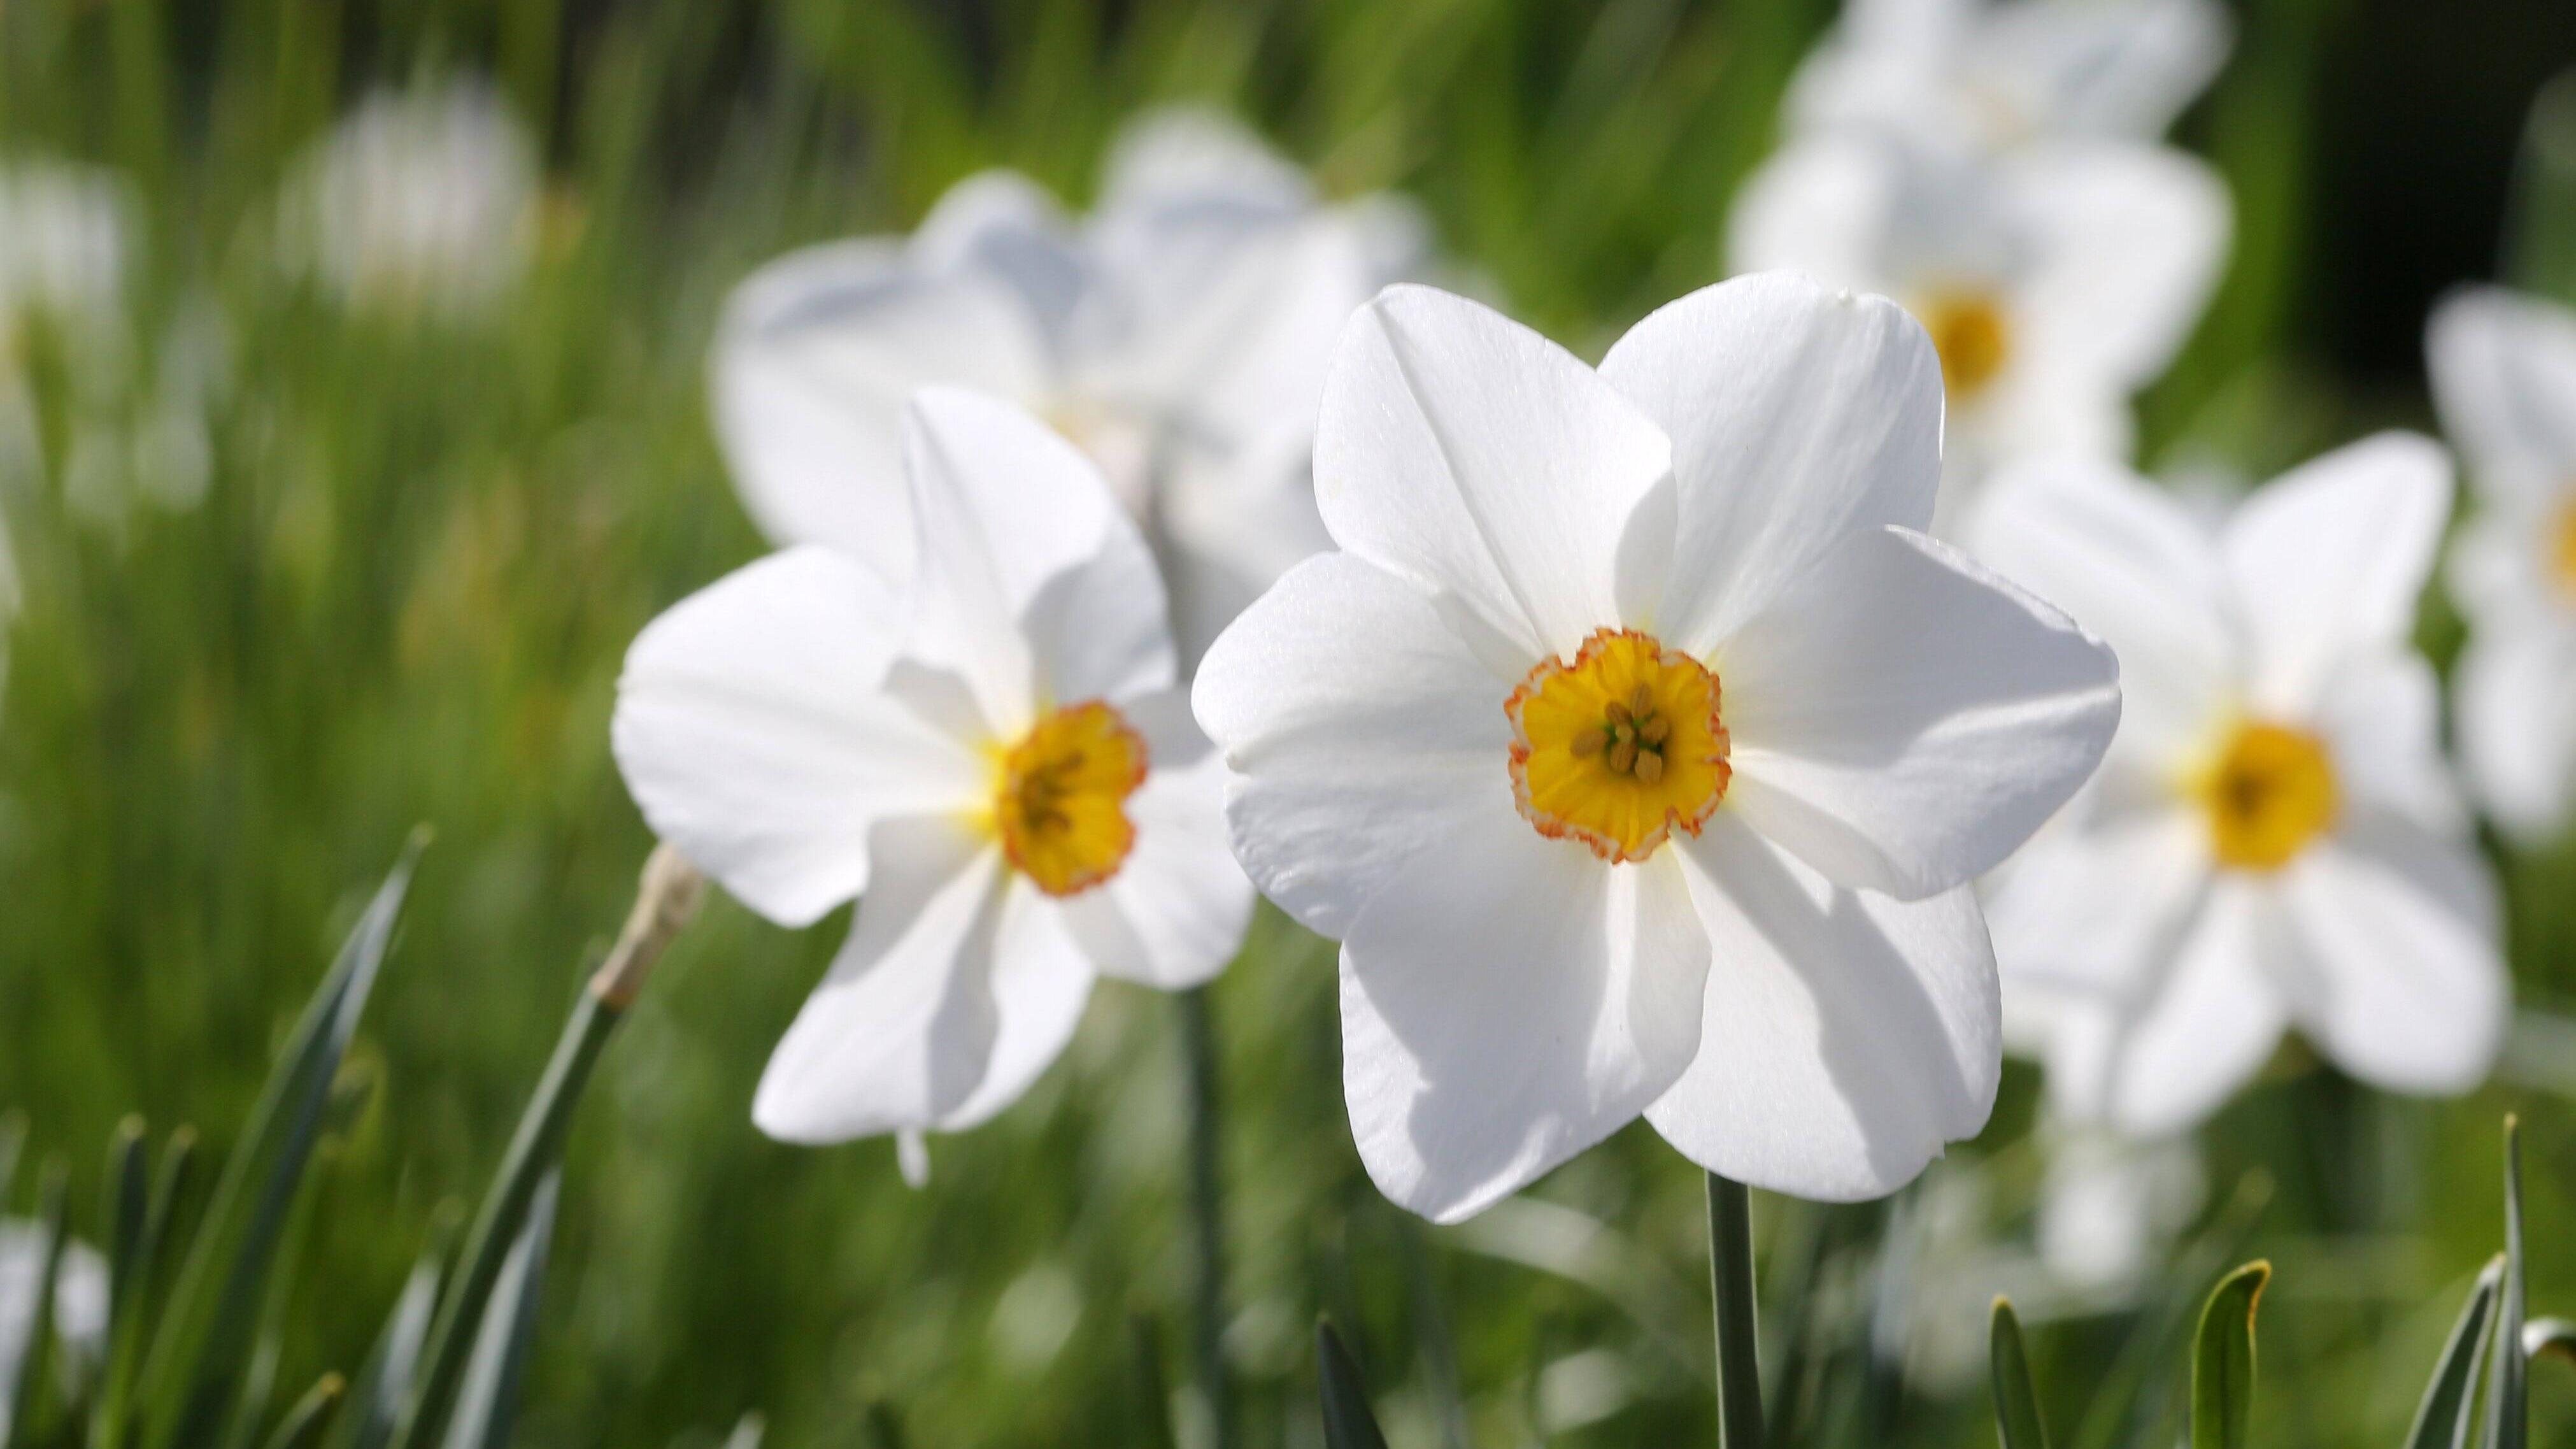 Prüfen Sie die Blumenzwiebeln vor dem Kauf.